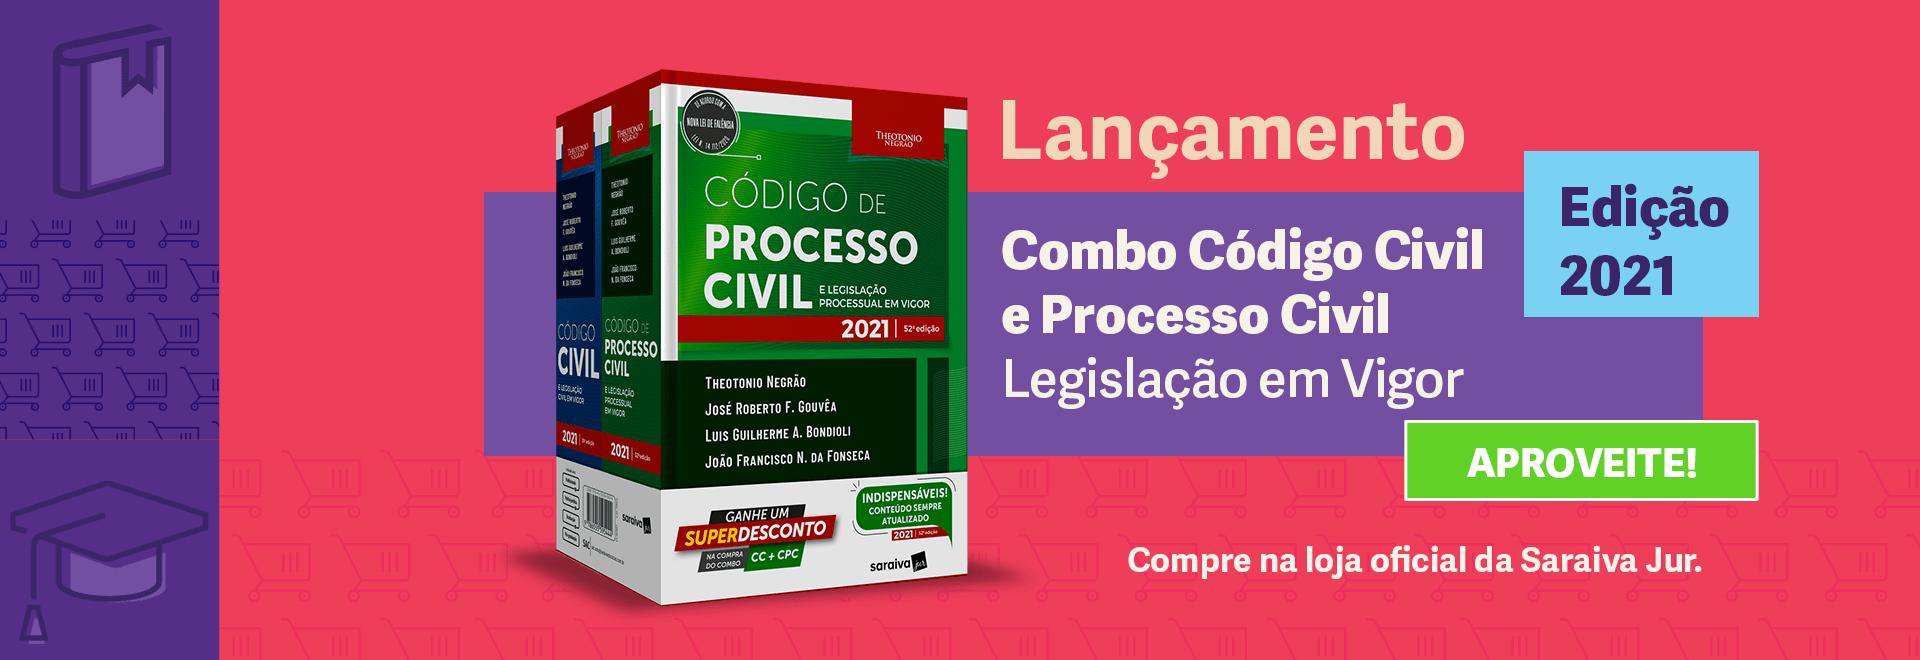 Combo Código Civil e Processo Civil - Legislação em Vigor - Edição 2021